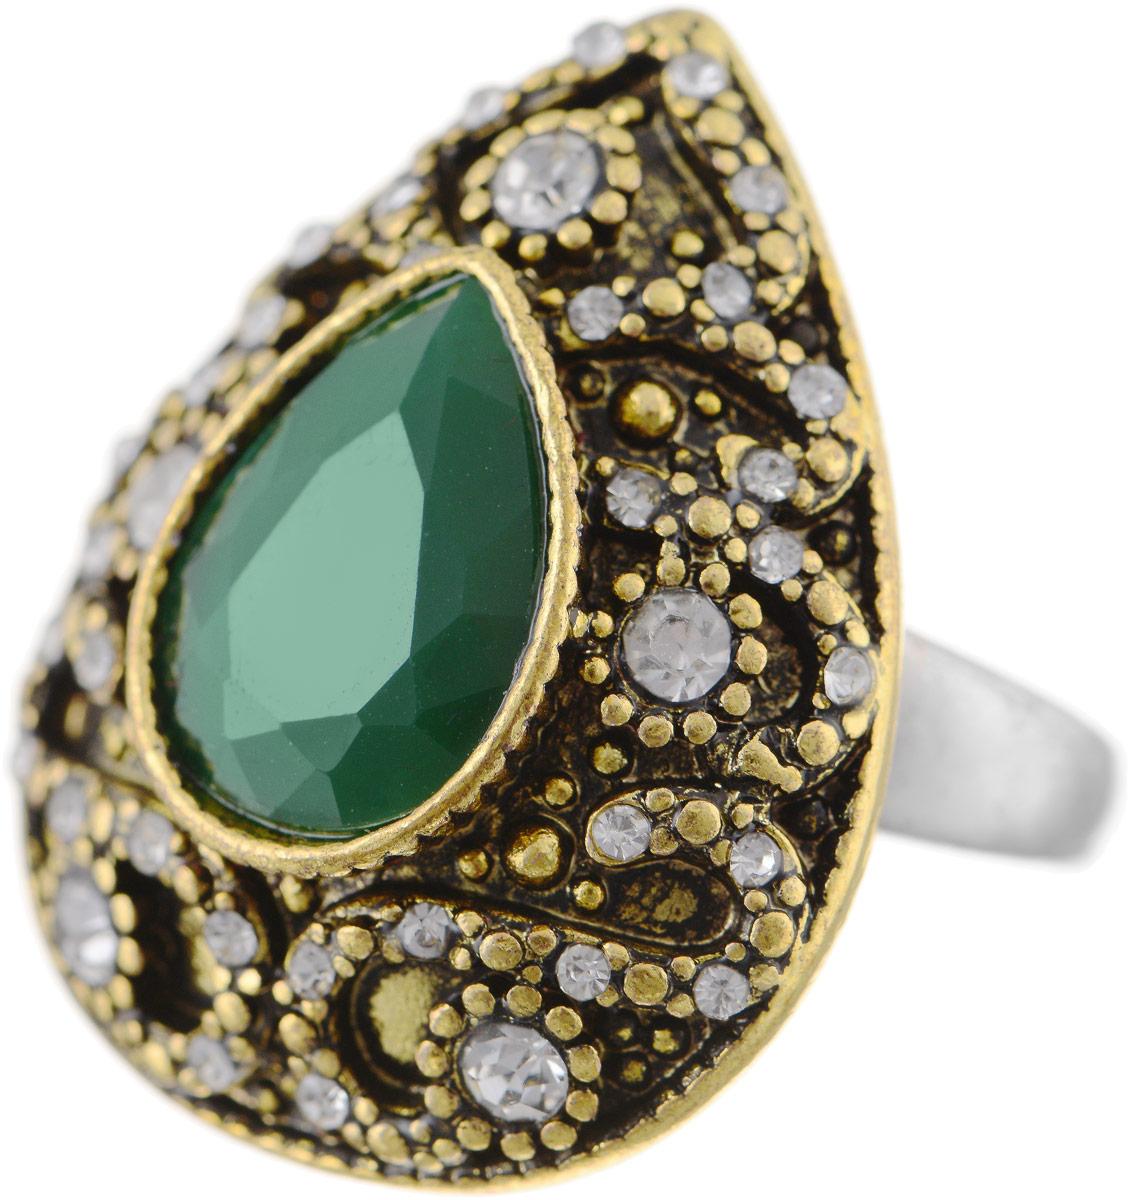 Кольцо Bradex Нимфа, цвет: золотой, зеленый, серебряный. AS 0040AS 0040Кольцо Bradex Нимфа выполнено из металлического сплава. Декоративный элемент выполнен в форме капли, оформленной вставками из искусственных камней и страз.